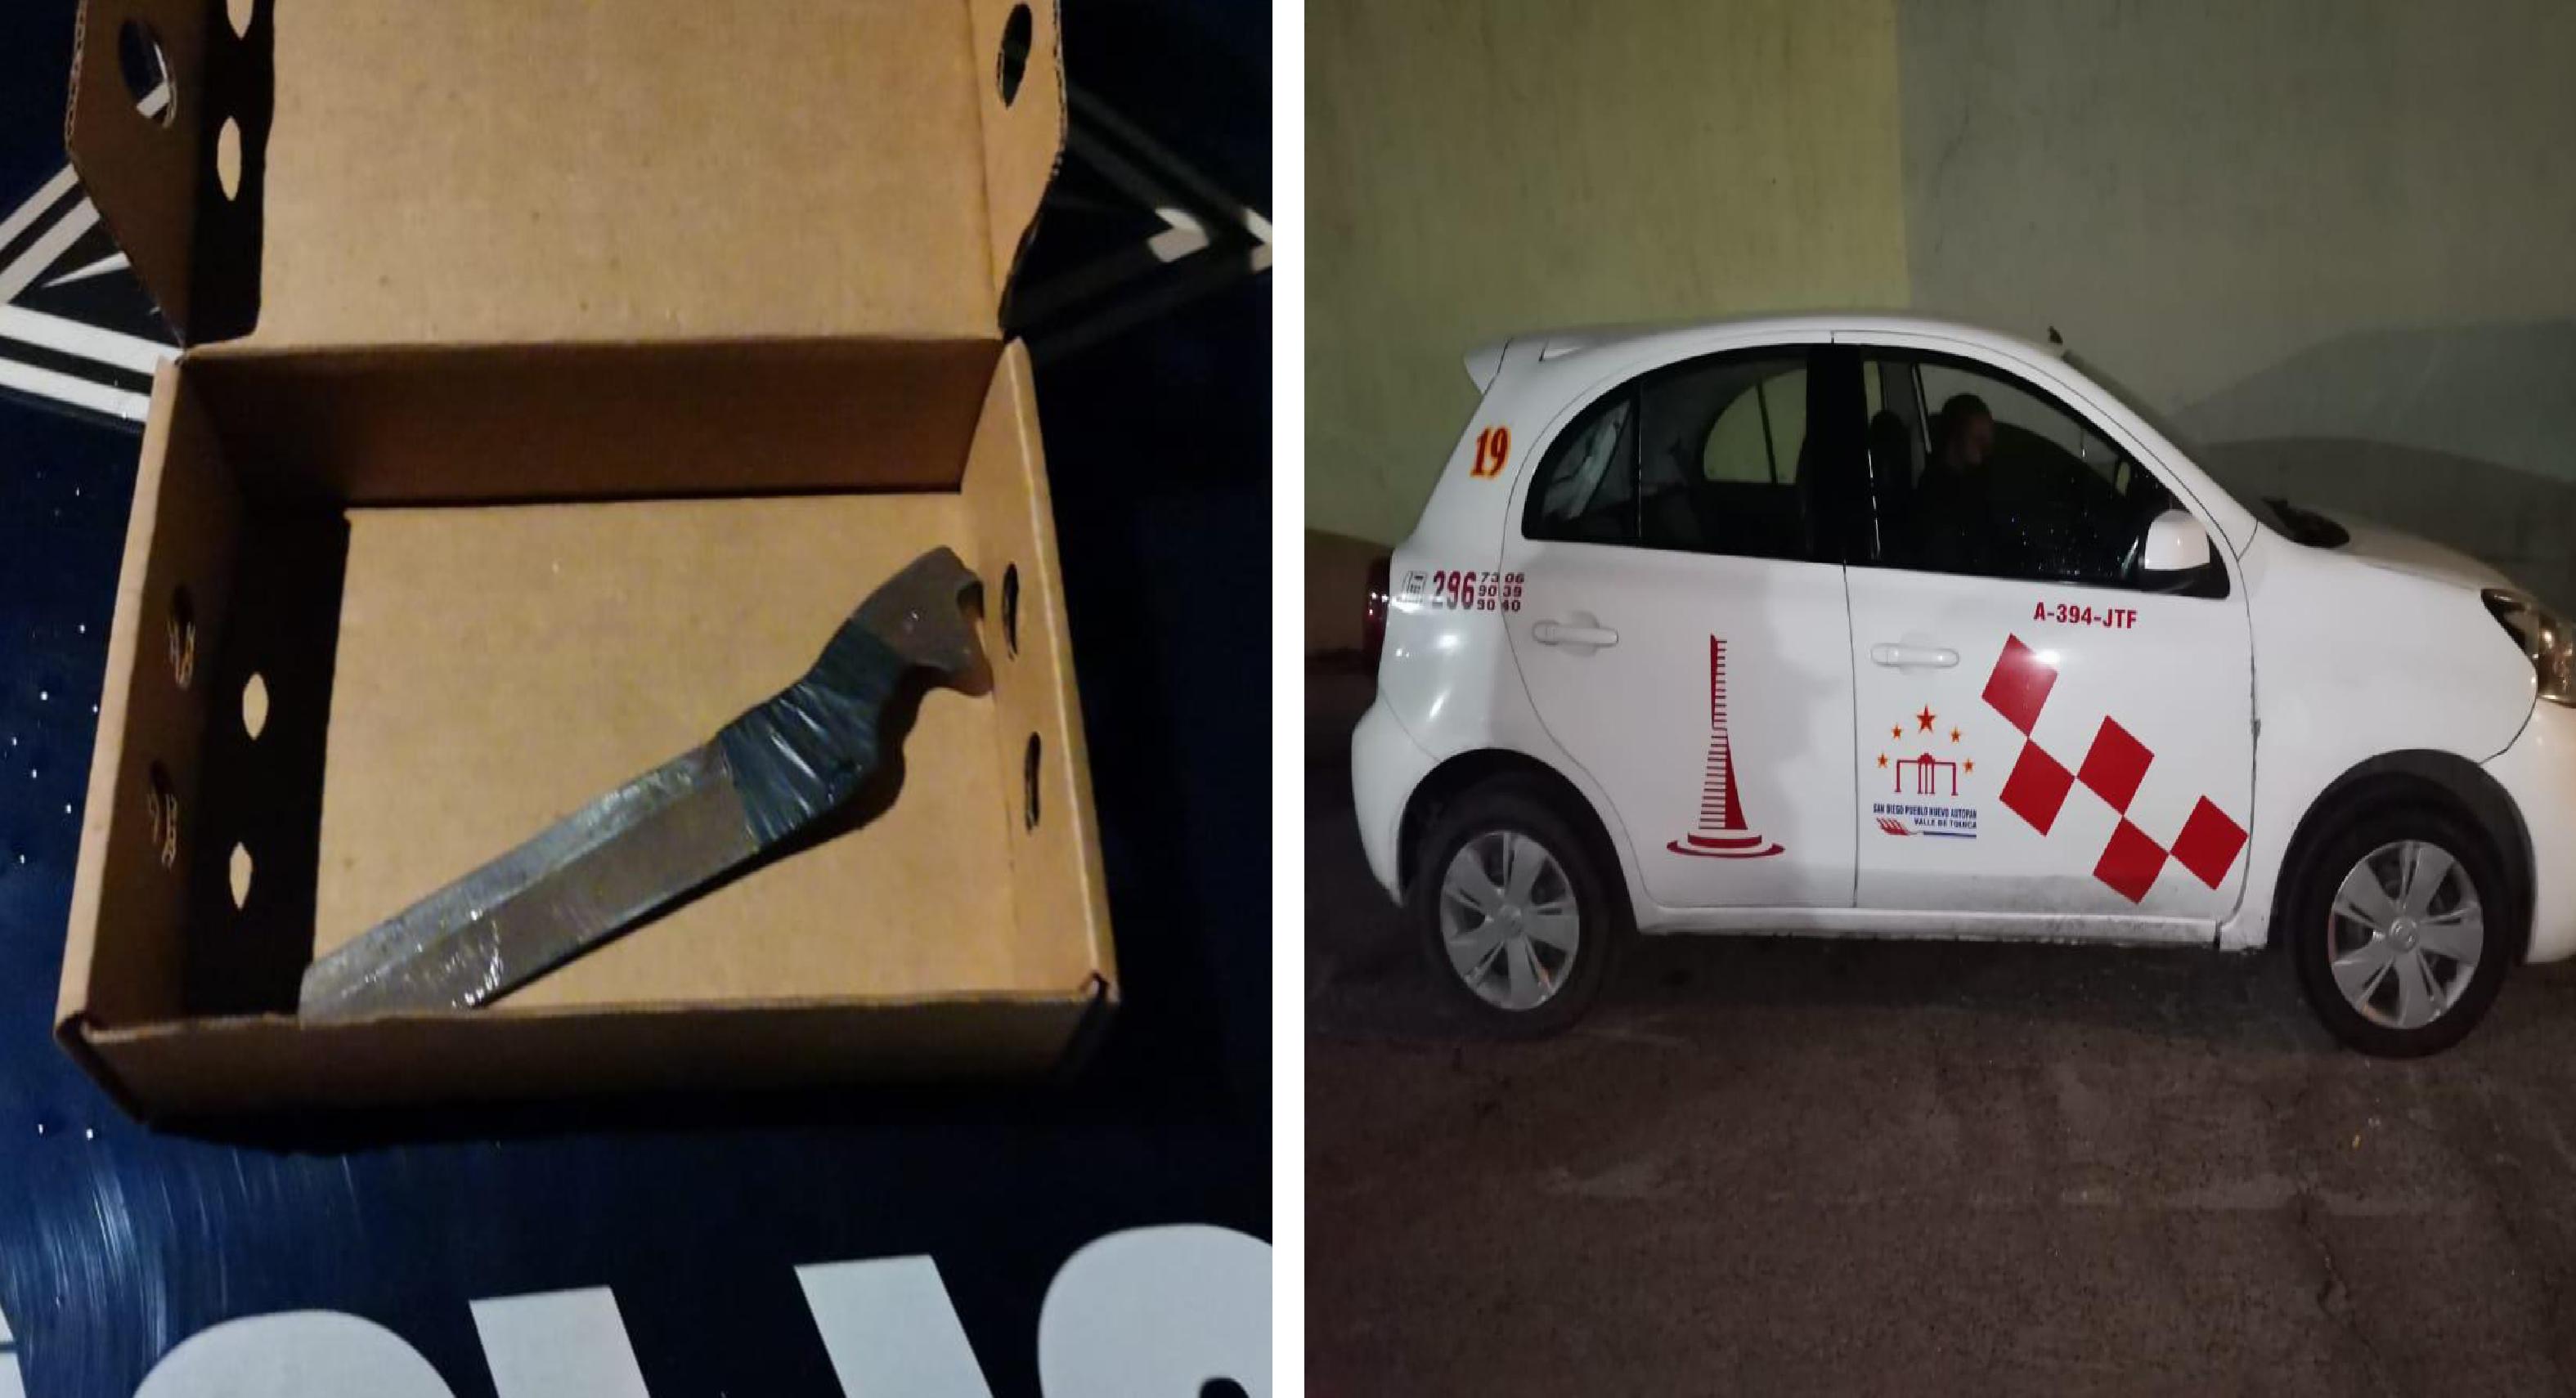 Capturan a delincuente armado que pretendía robar un vehículo5